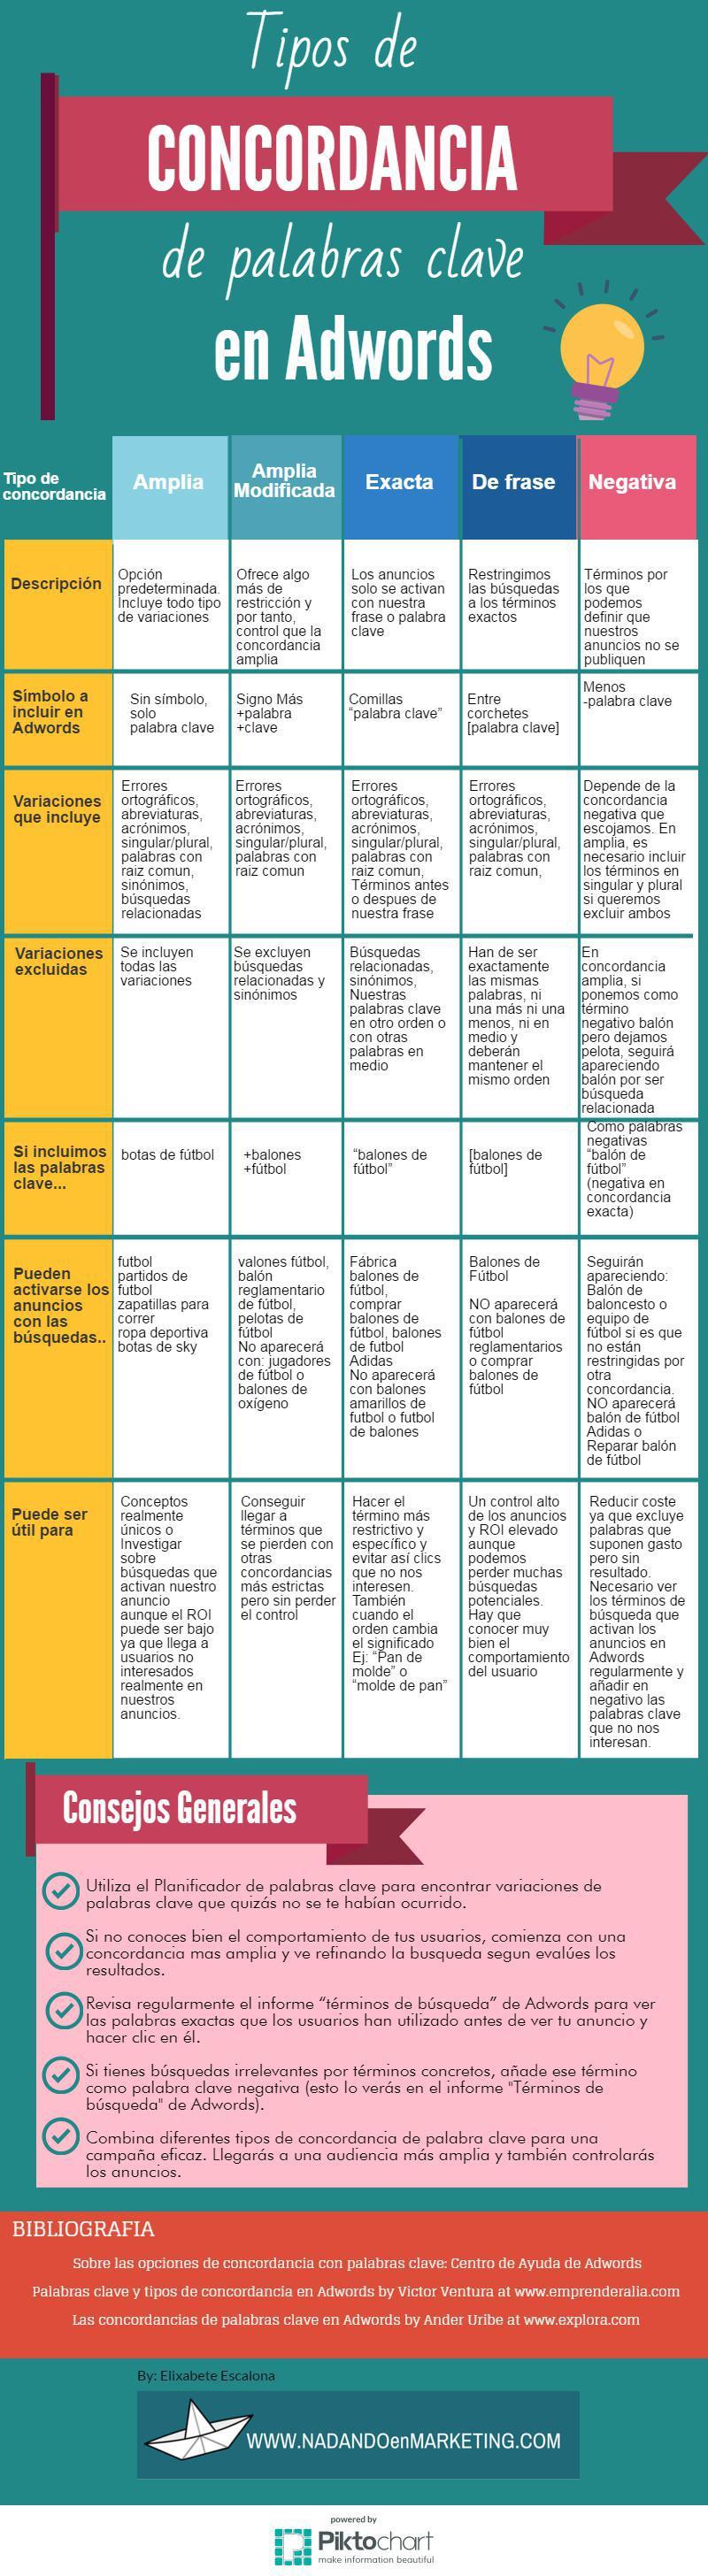 Tipos de concordancia de palabras clave en Adwords